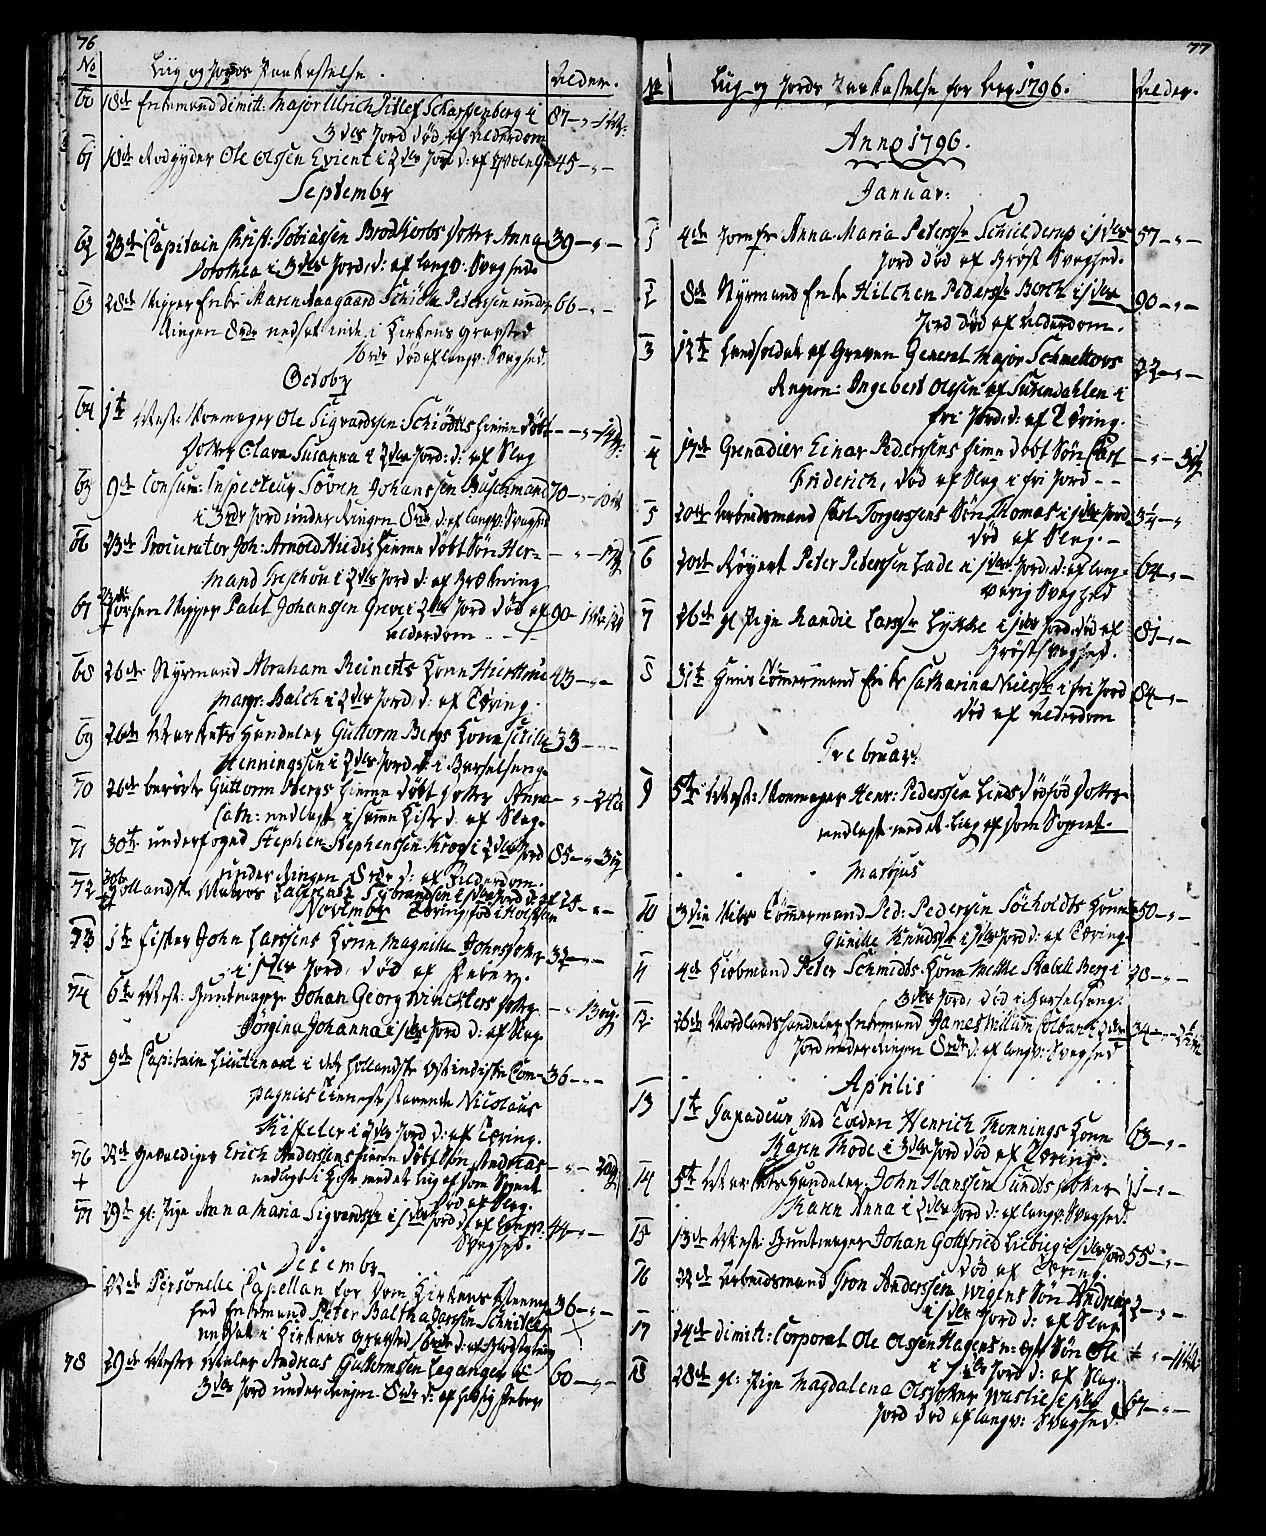 SAT, Ministerialprotokoller, klokkerbøker og fødselsregistre - Sør-Trøndelag, 602/L0134: Klokkerbok nr. 602C02, 1759-1812, s. 76-77